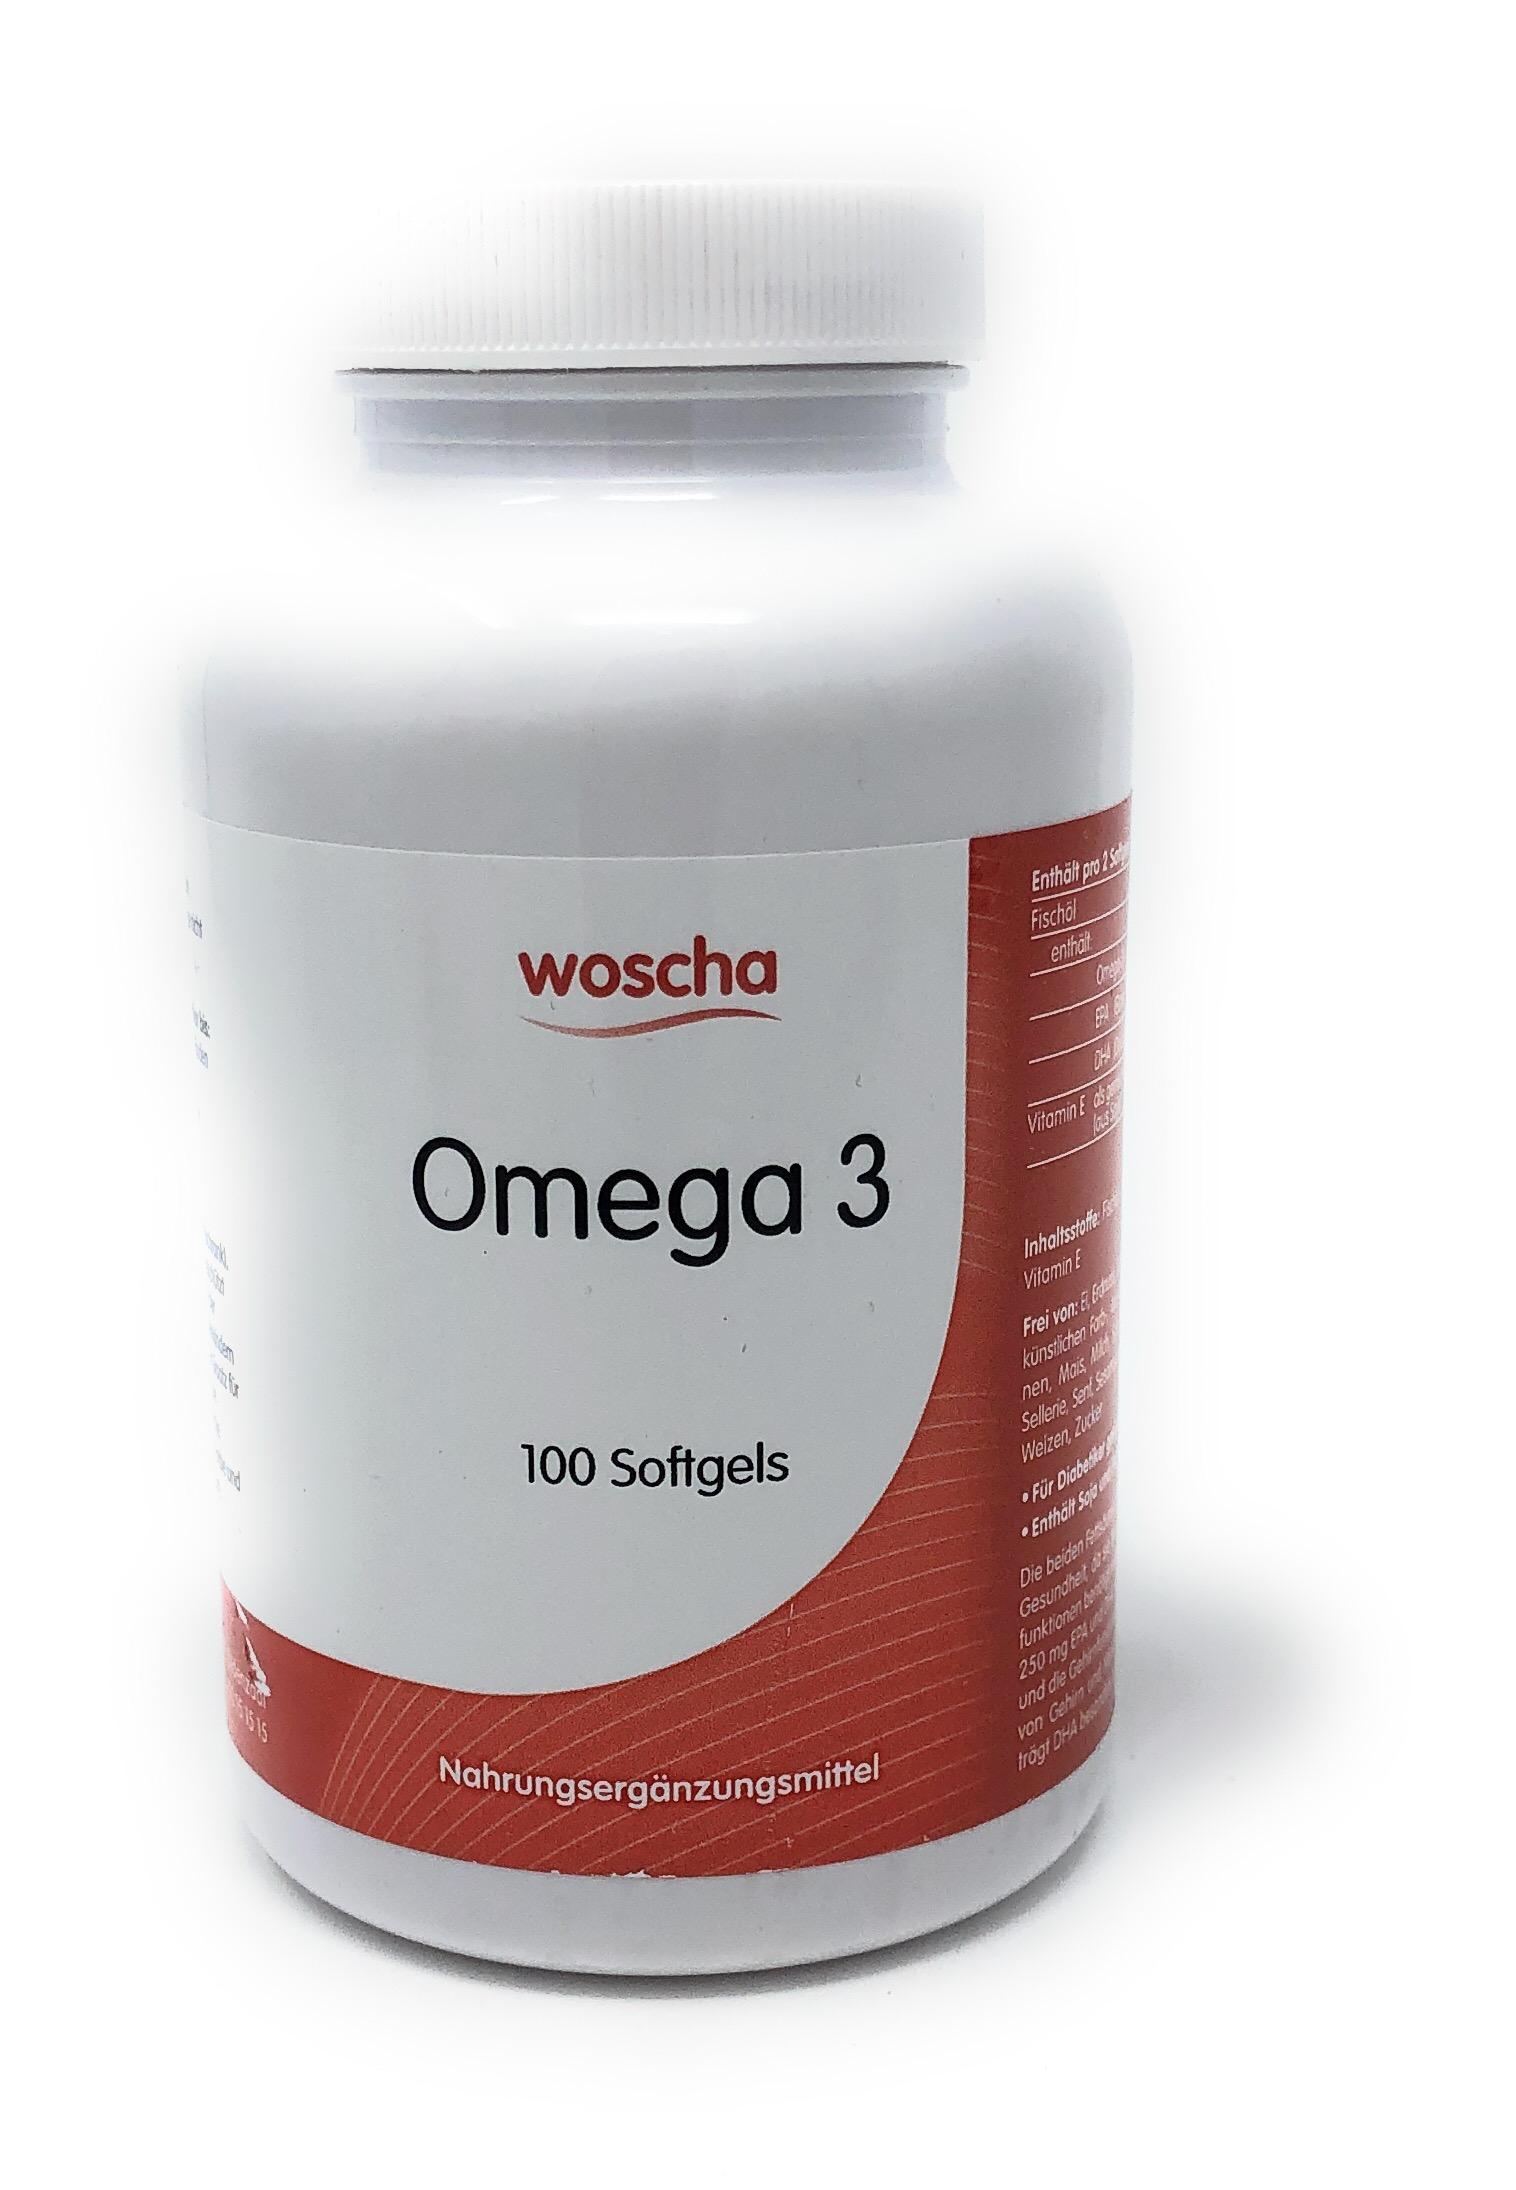 woscha OMEGA 3 100 Softgels (101g)